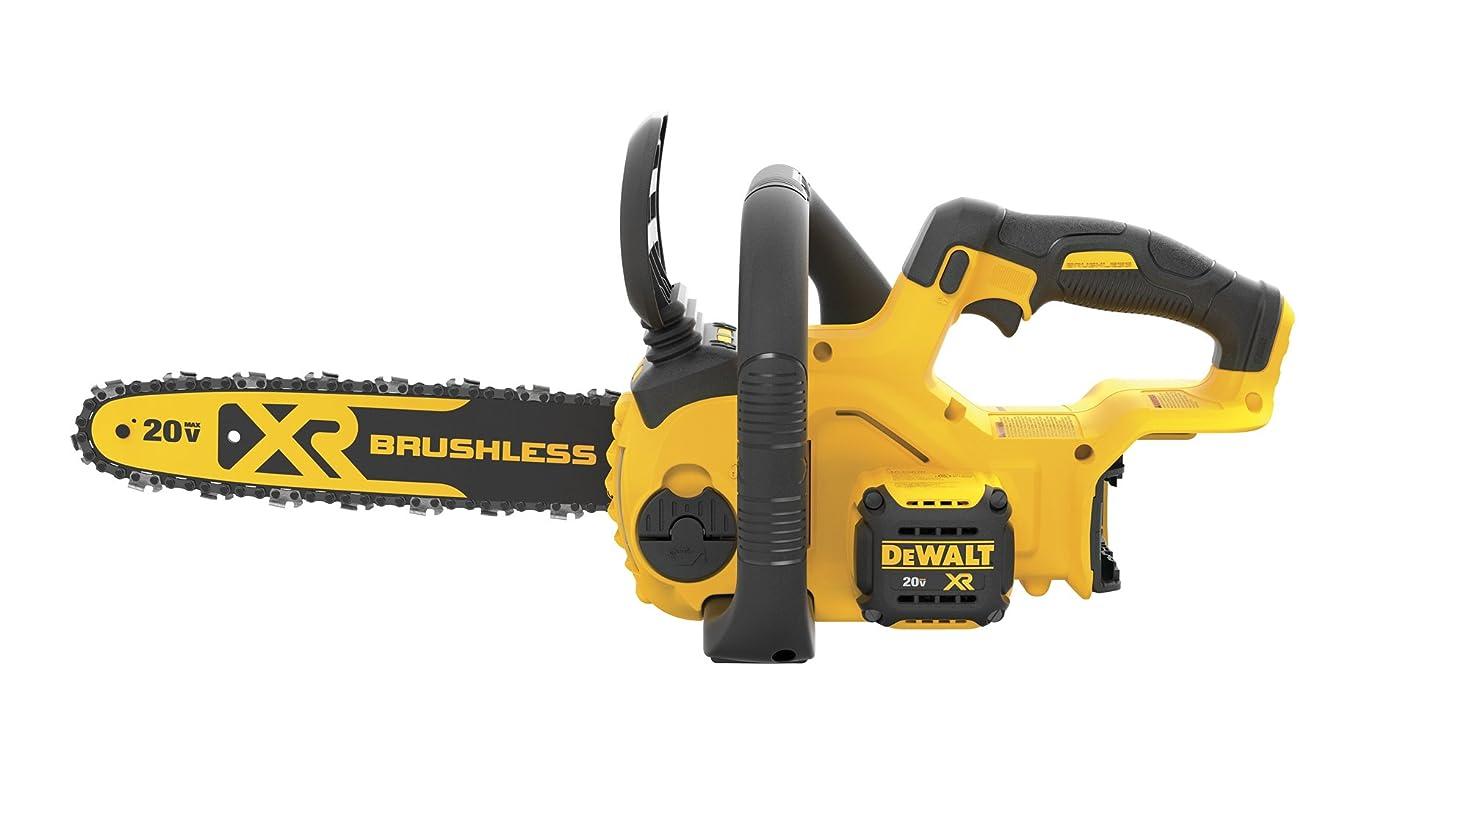 ビデオ気を散らす顔料DEWALT DCCS620B 20V MAX XR Compact 12 in. Cordless Chainsaw (Tool Only) 141[並行輸入]